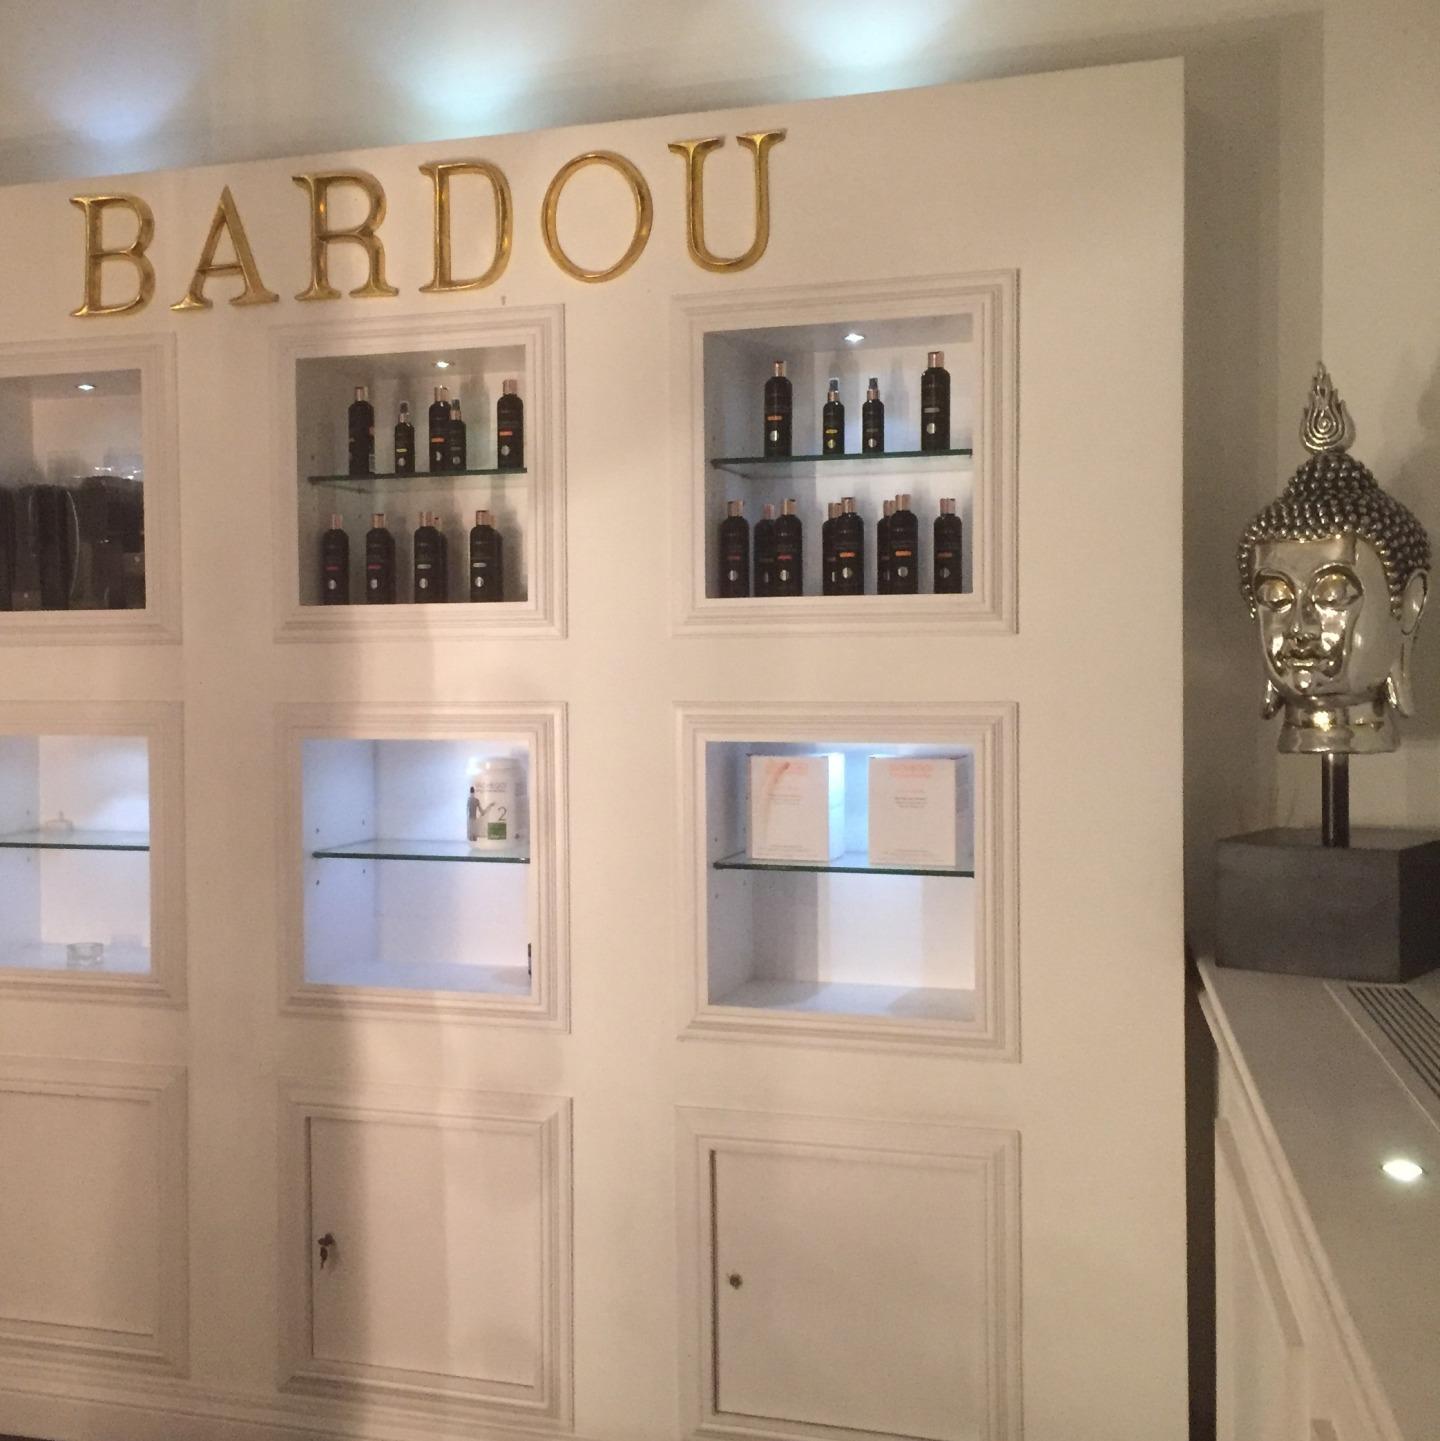 Bardou-Pop-Up-Blow-Dry-Salon-Kensington-Review-Talonted-Lex